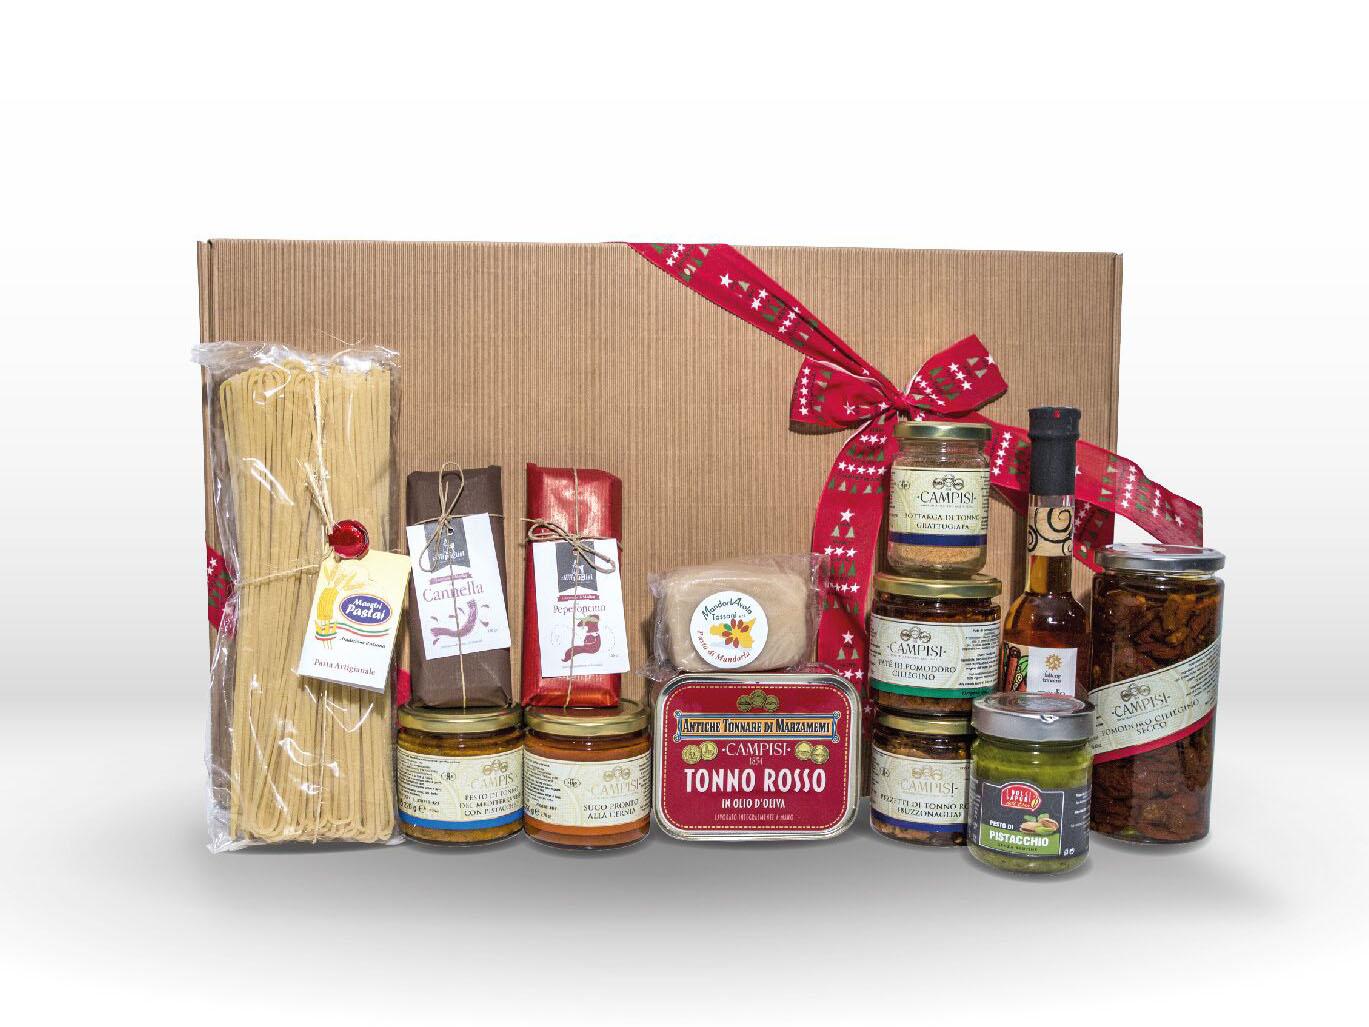 ceste natalizie e regali aziendali 2018 prodotti tipici